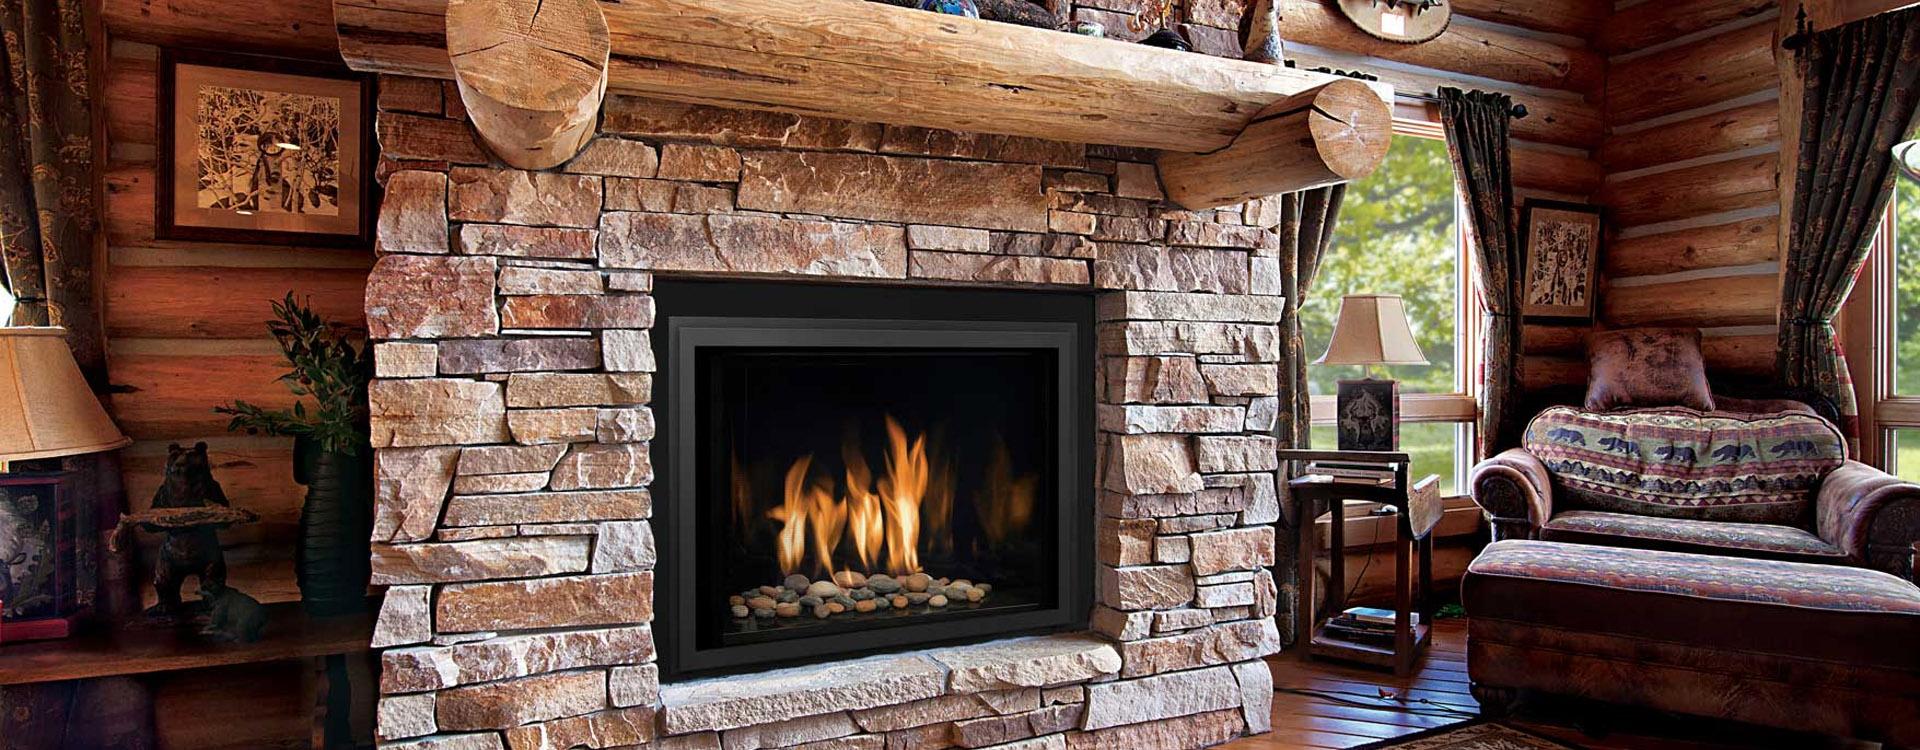 Варианты каминов для деревянного дома по типам топлива 39